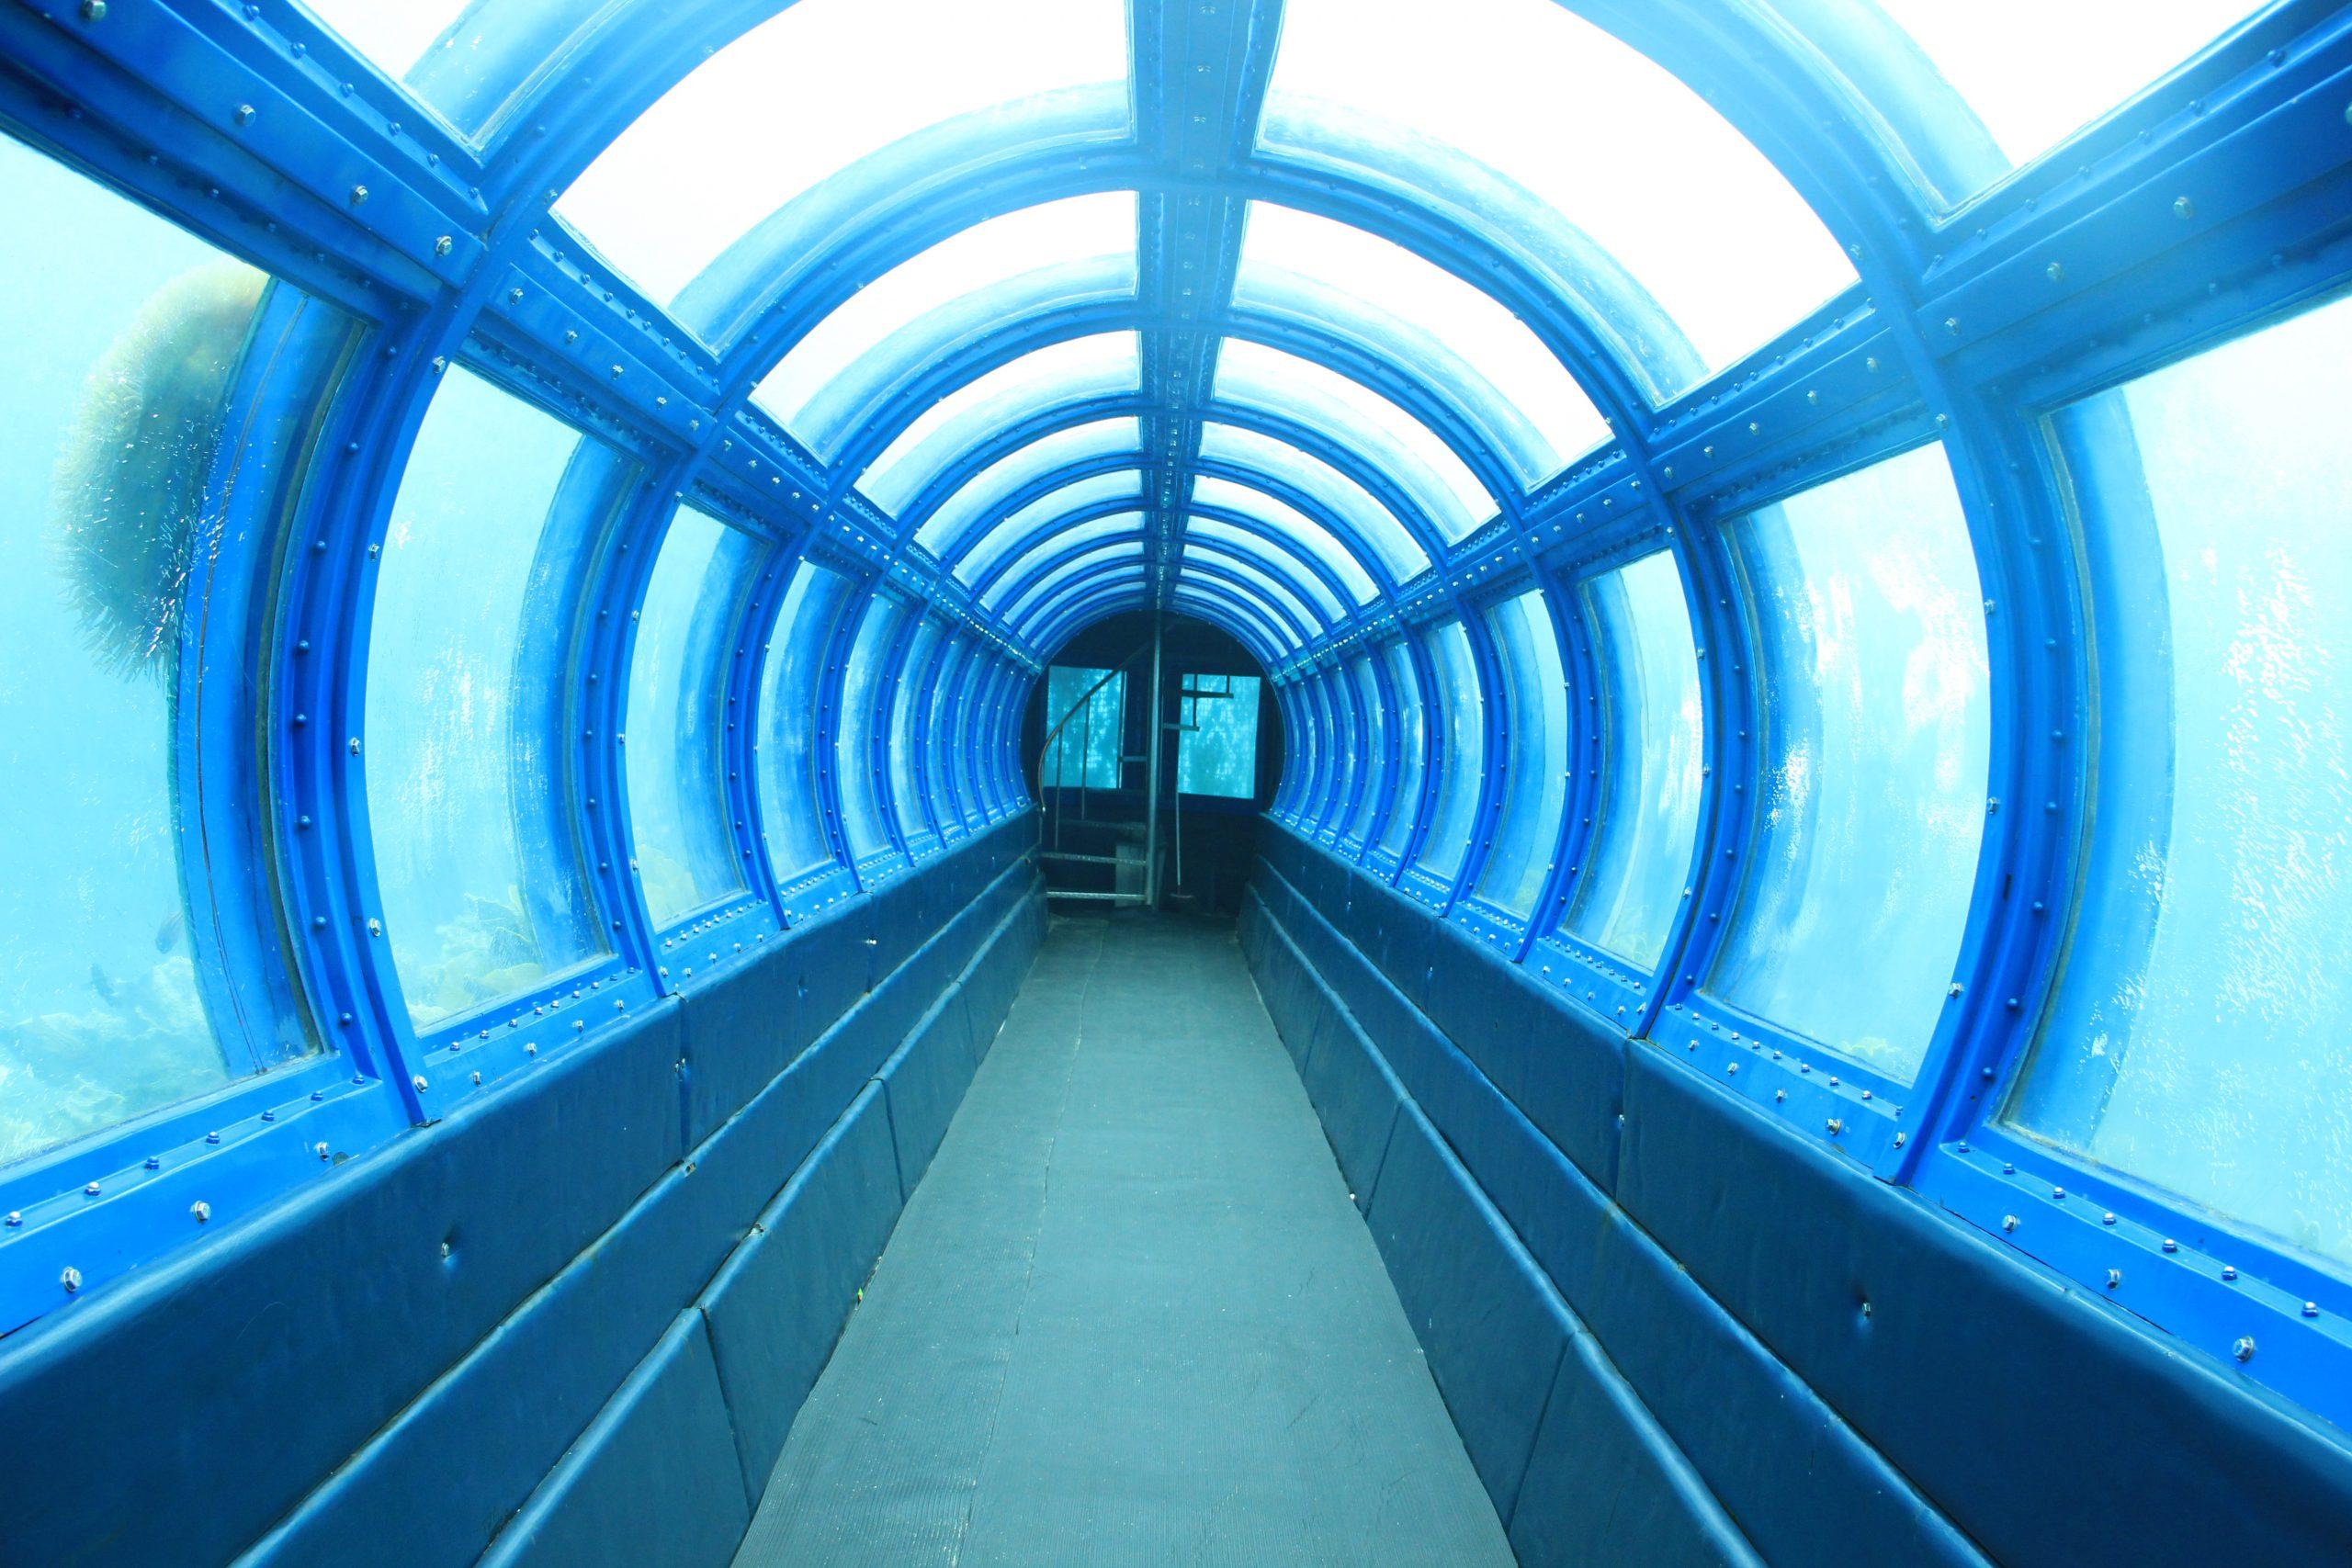 Salah satu daya tarik di Pulau Putri adalah adanya terowongan bawah laut untuk melihat langsung biota laut